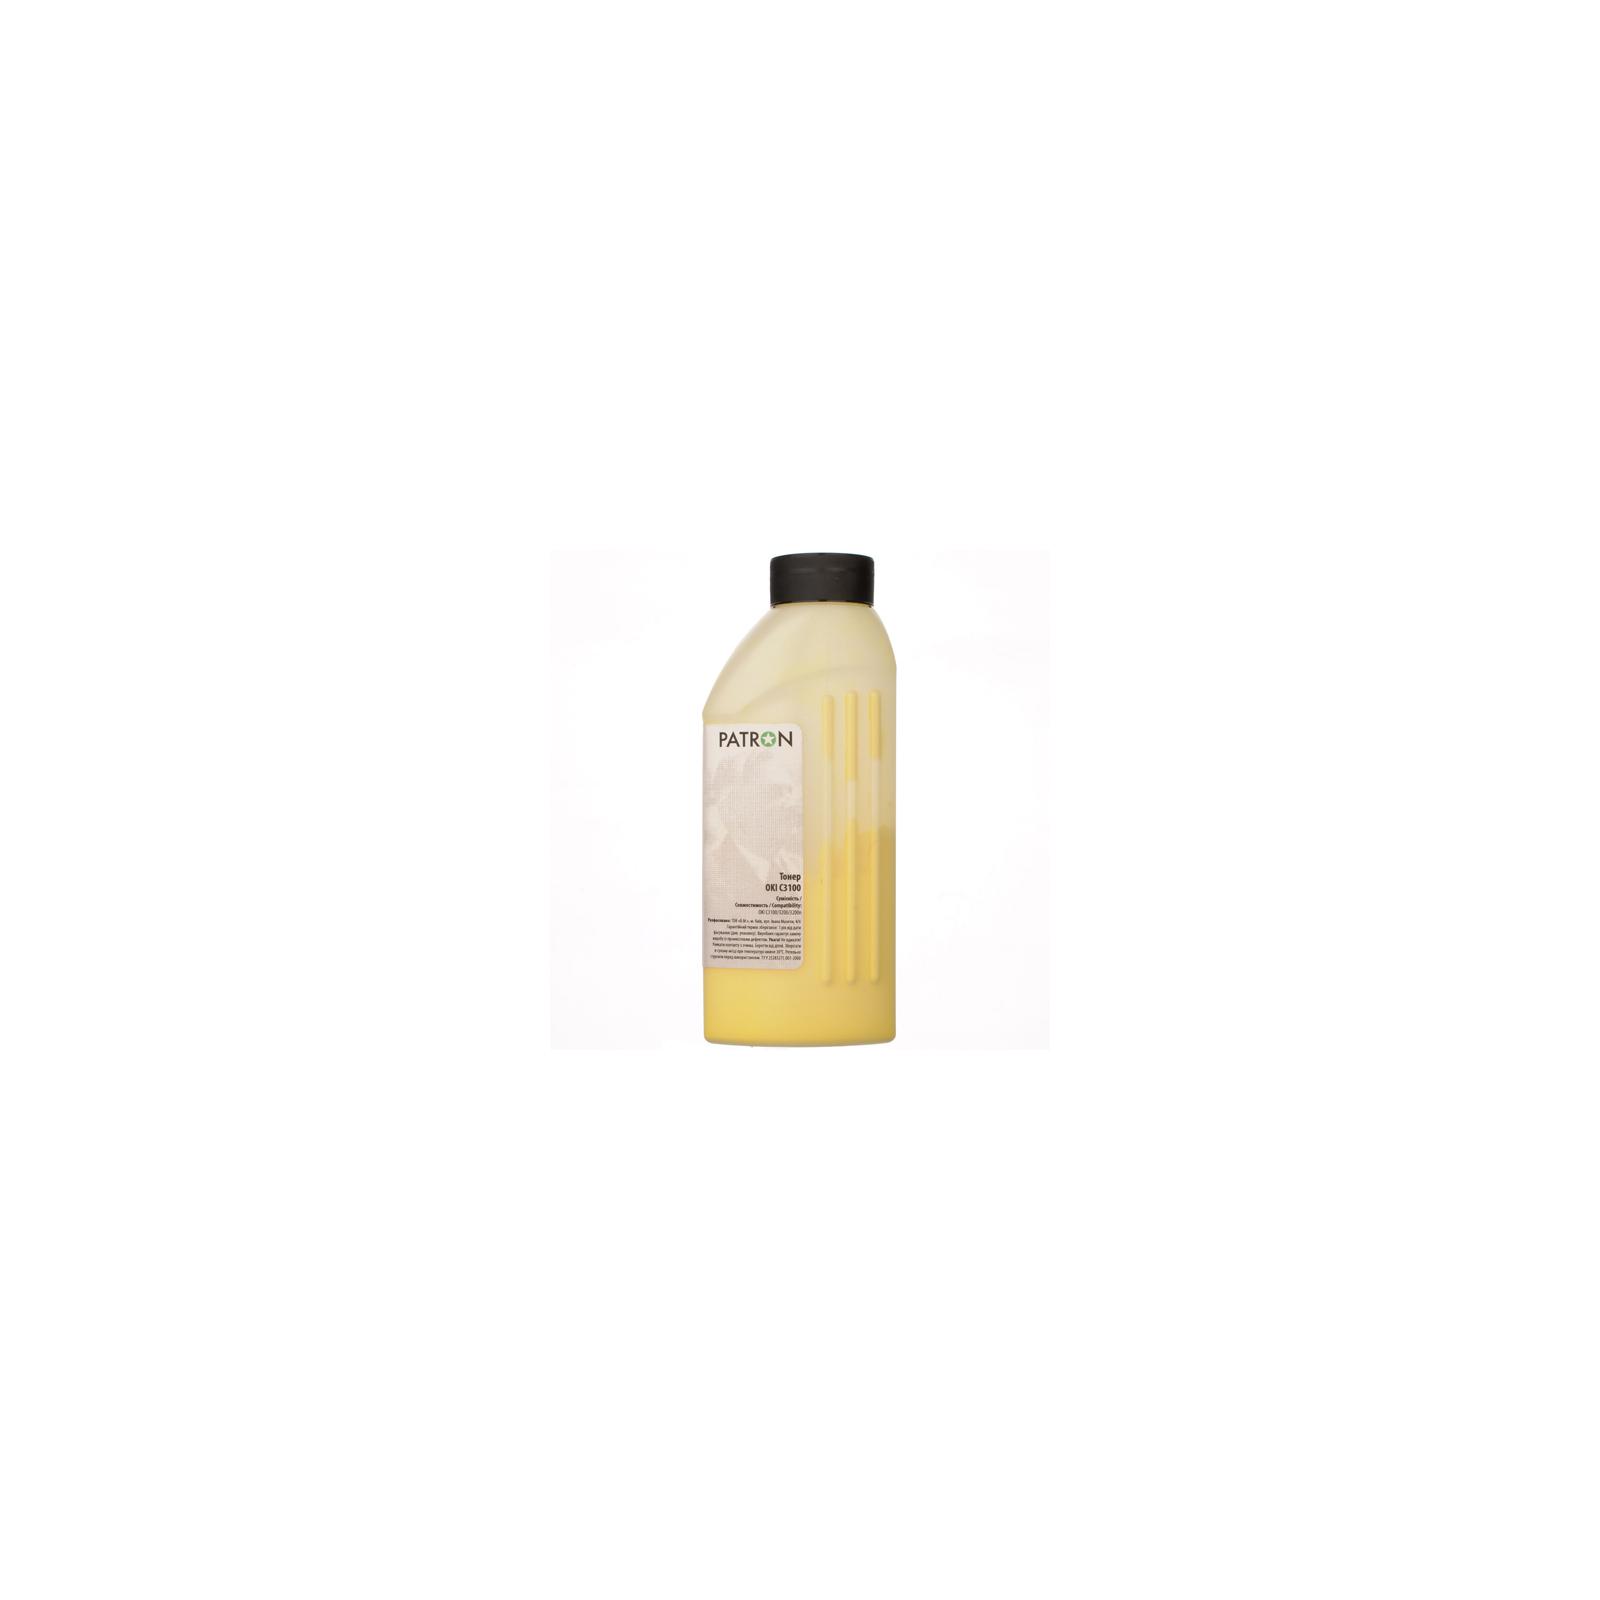 Тонер PATRON OKI C3100 YELLOW 100г (T-PN-OC3100-Y-100) изображение 2